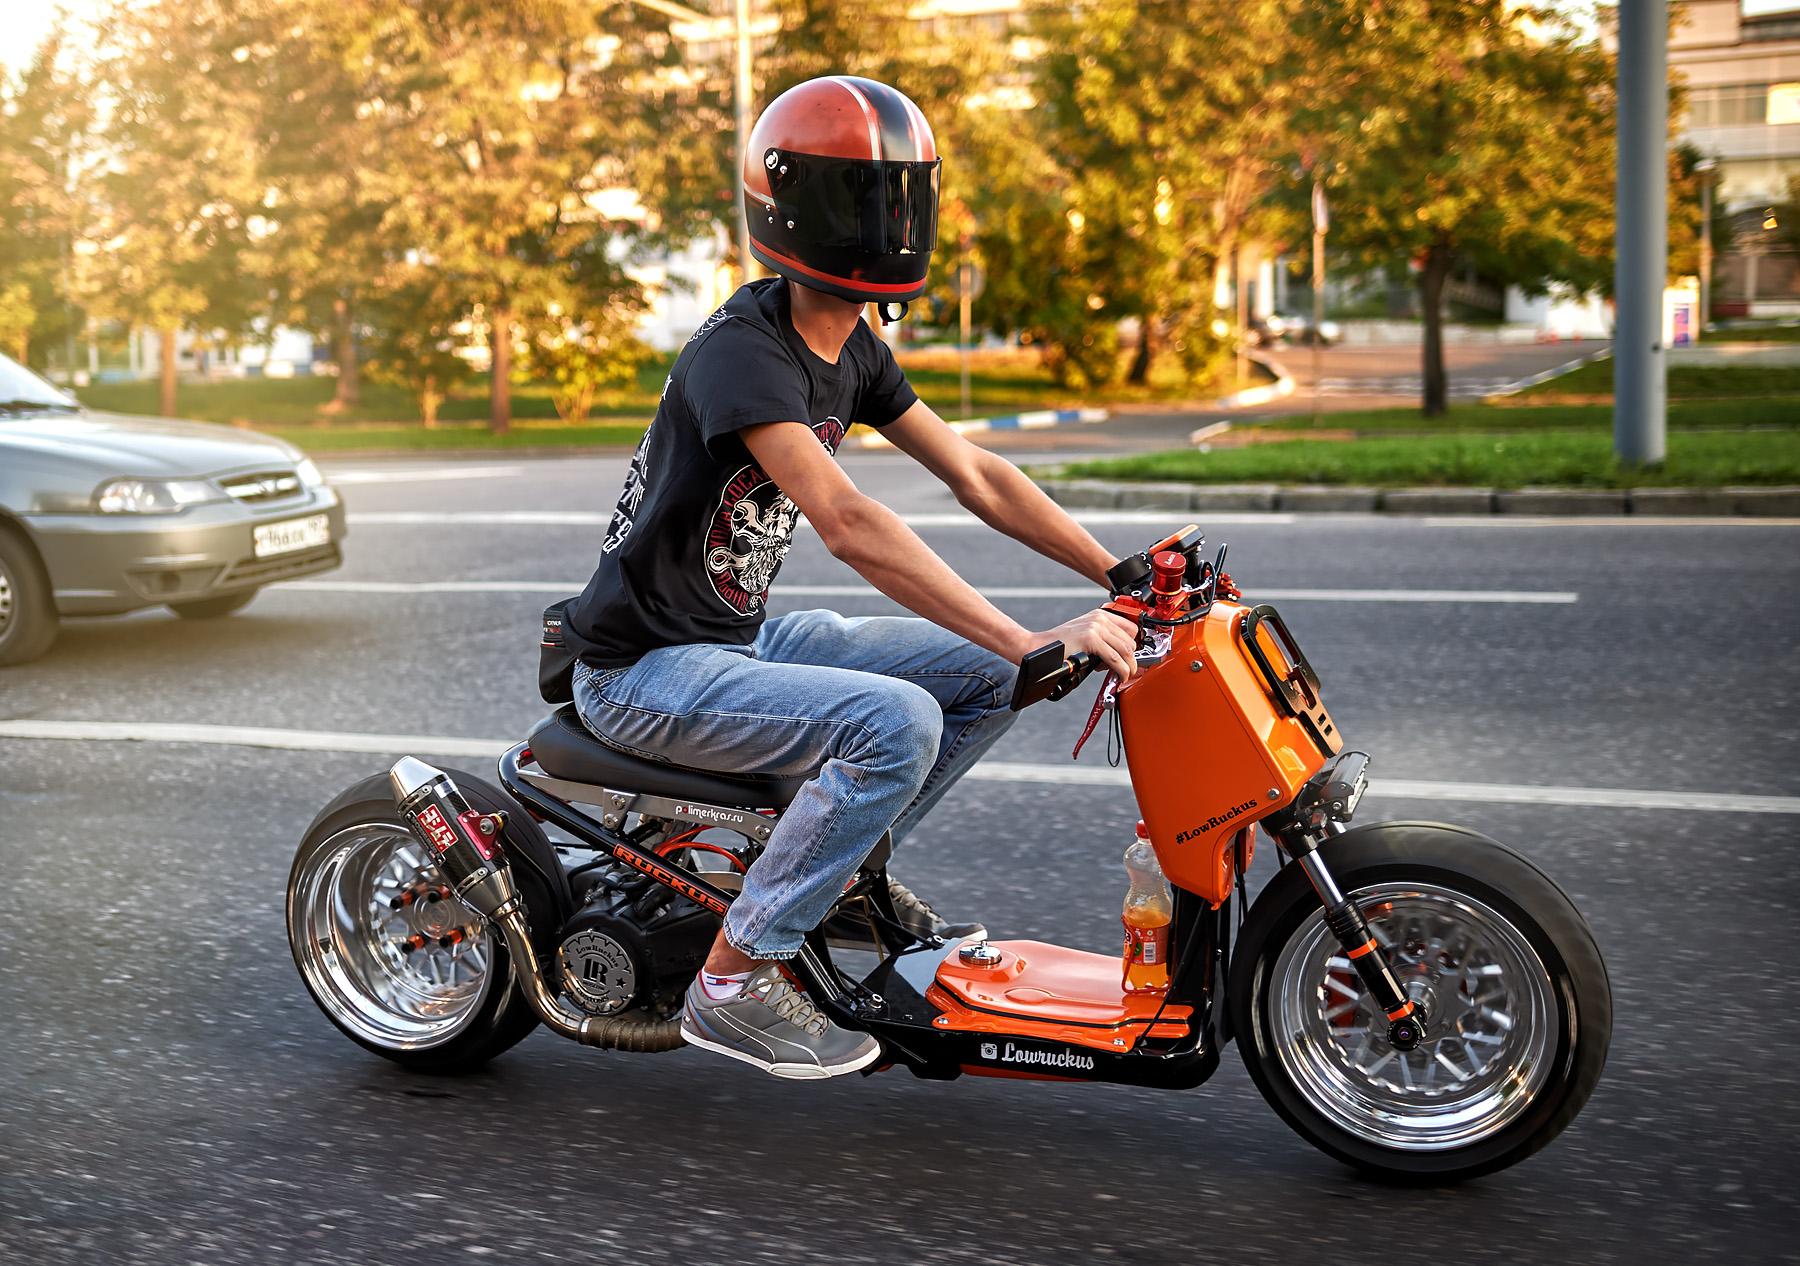 приведены кастом скутеры фото монтаж